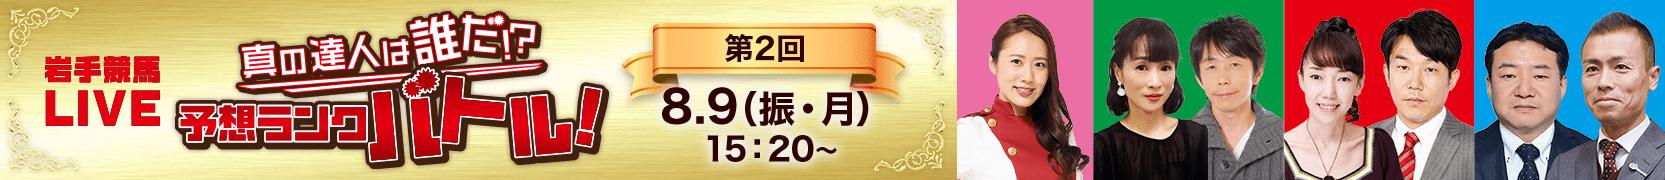 岩手競馬LIVE!「真の達人は誰だ!?予想ランクバトル!」(第26回クラスターカップ)